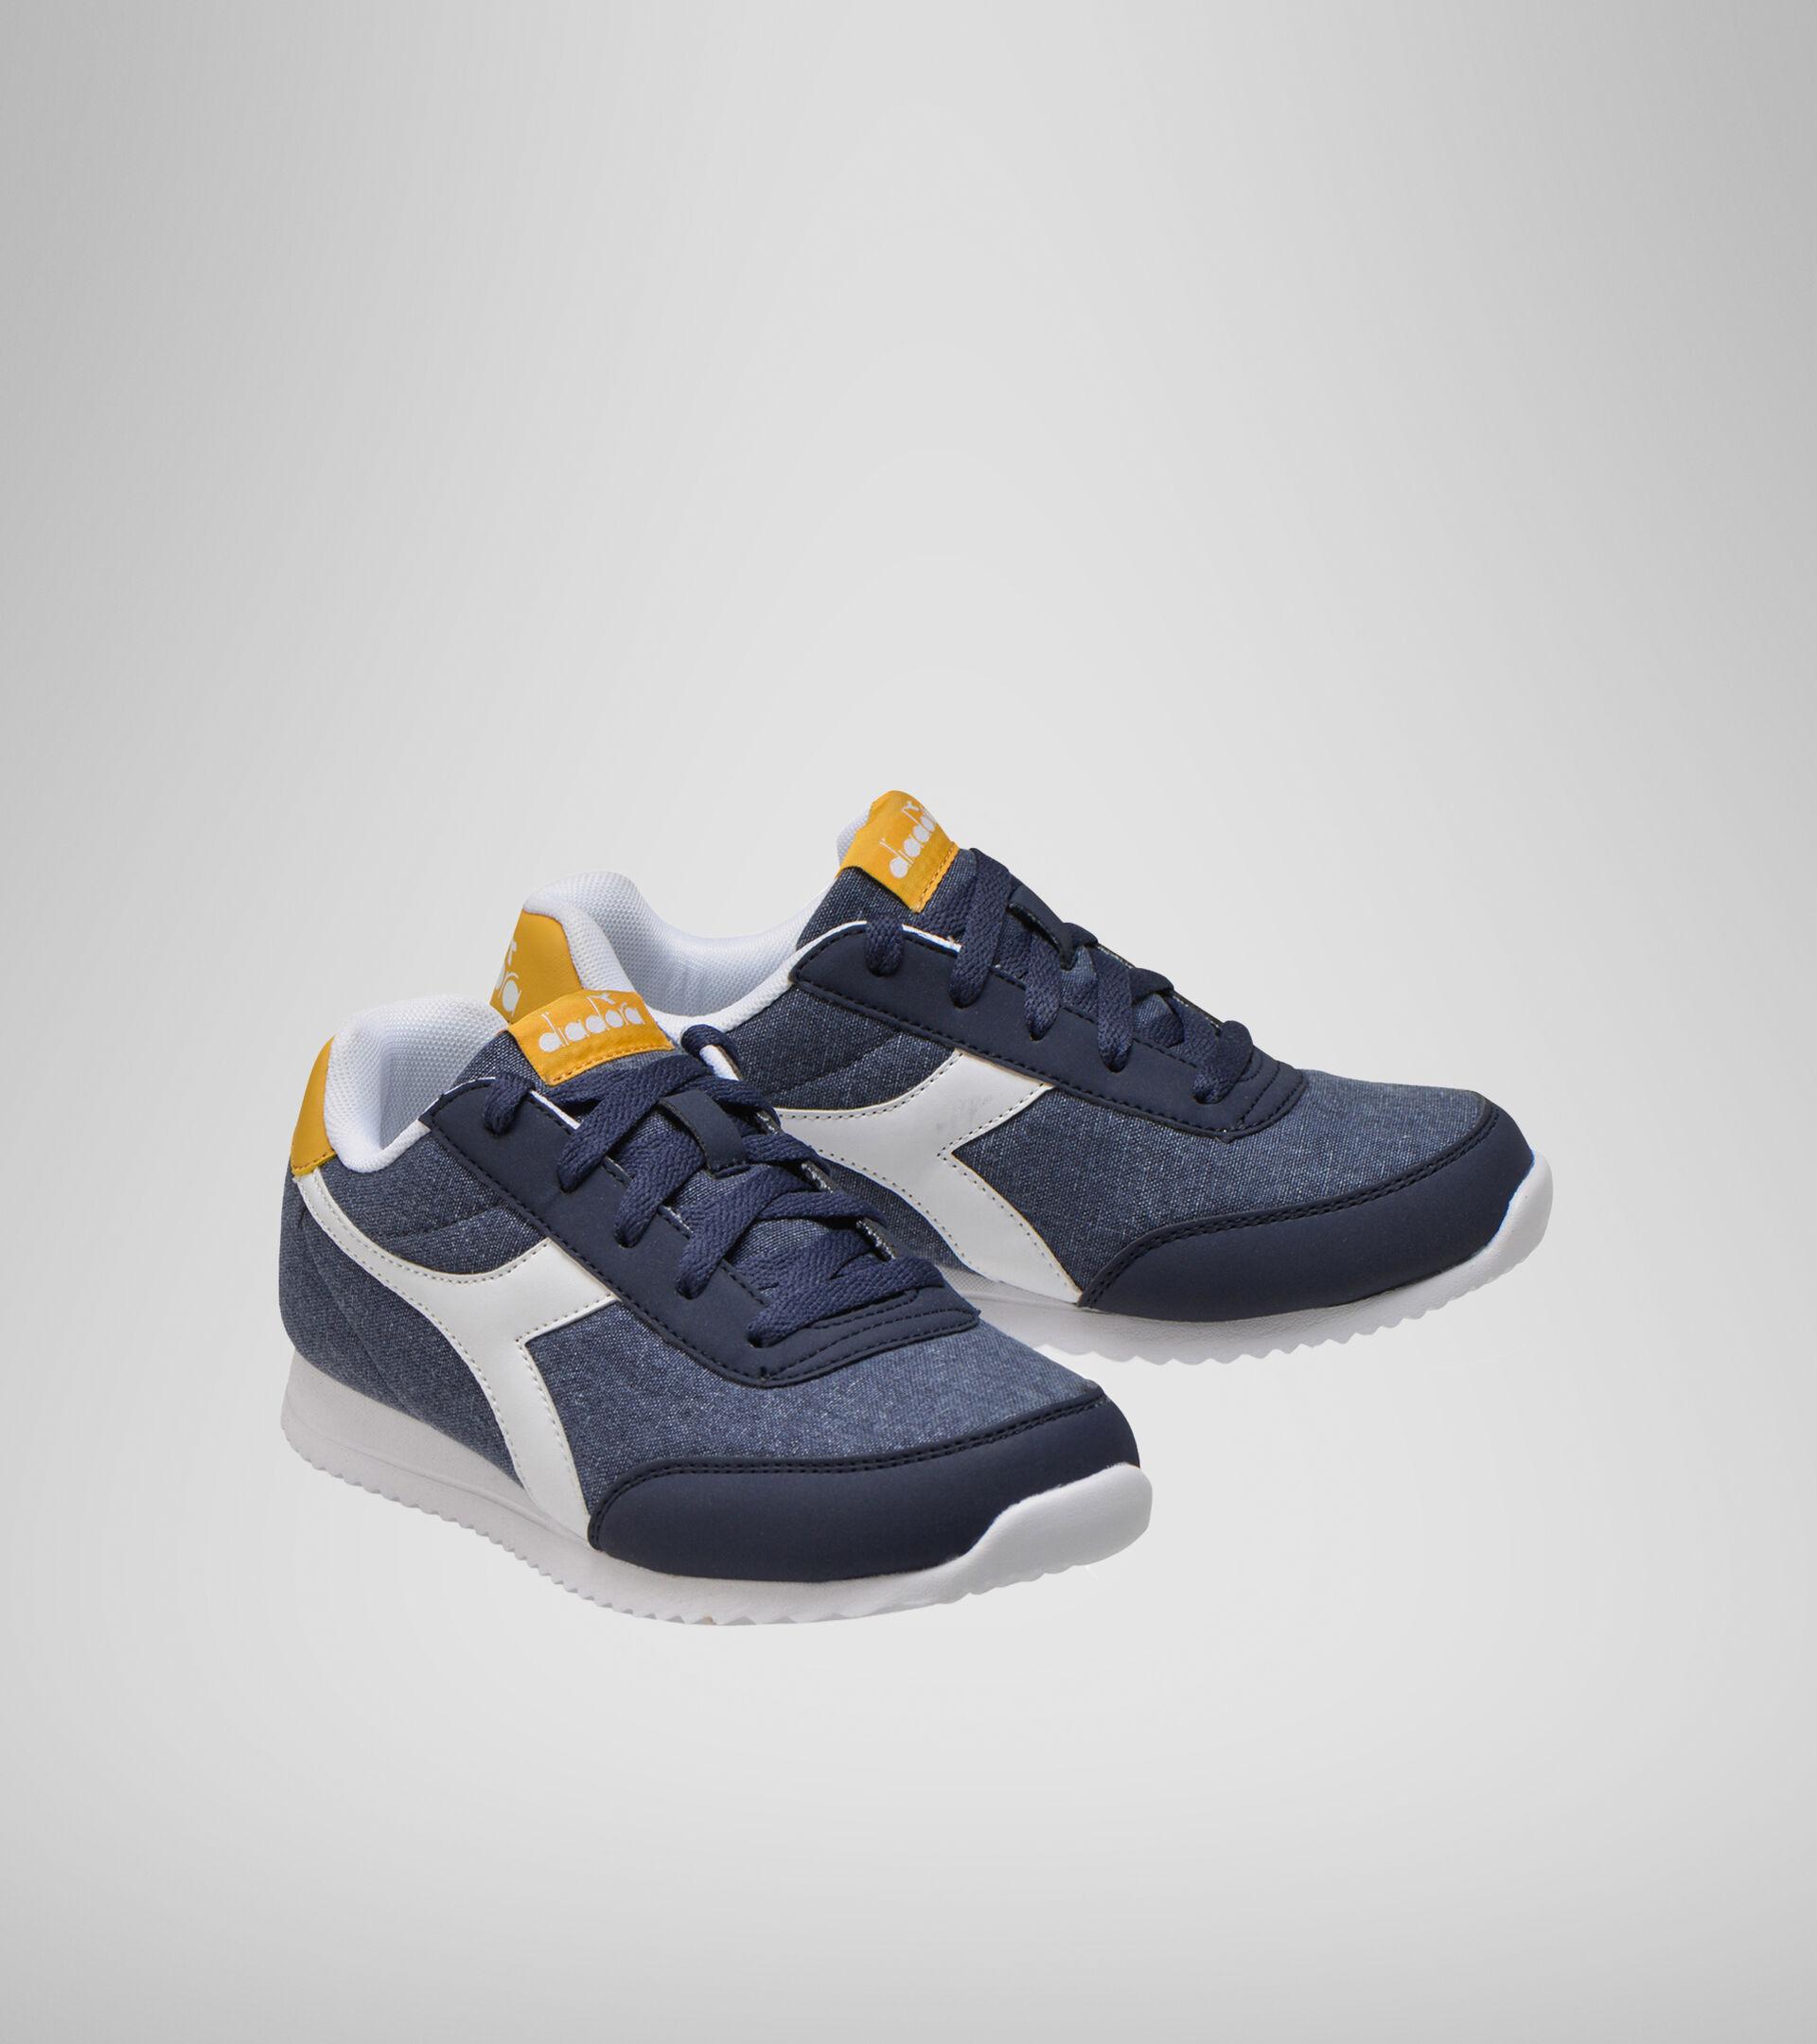 Footwear Sport BAMBINO JOG LIGHT GS BLACK IRIS/GOLDEN APRICOT Diadora